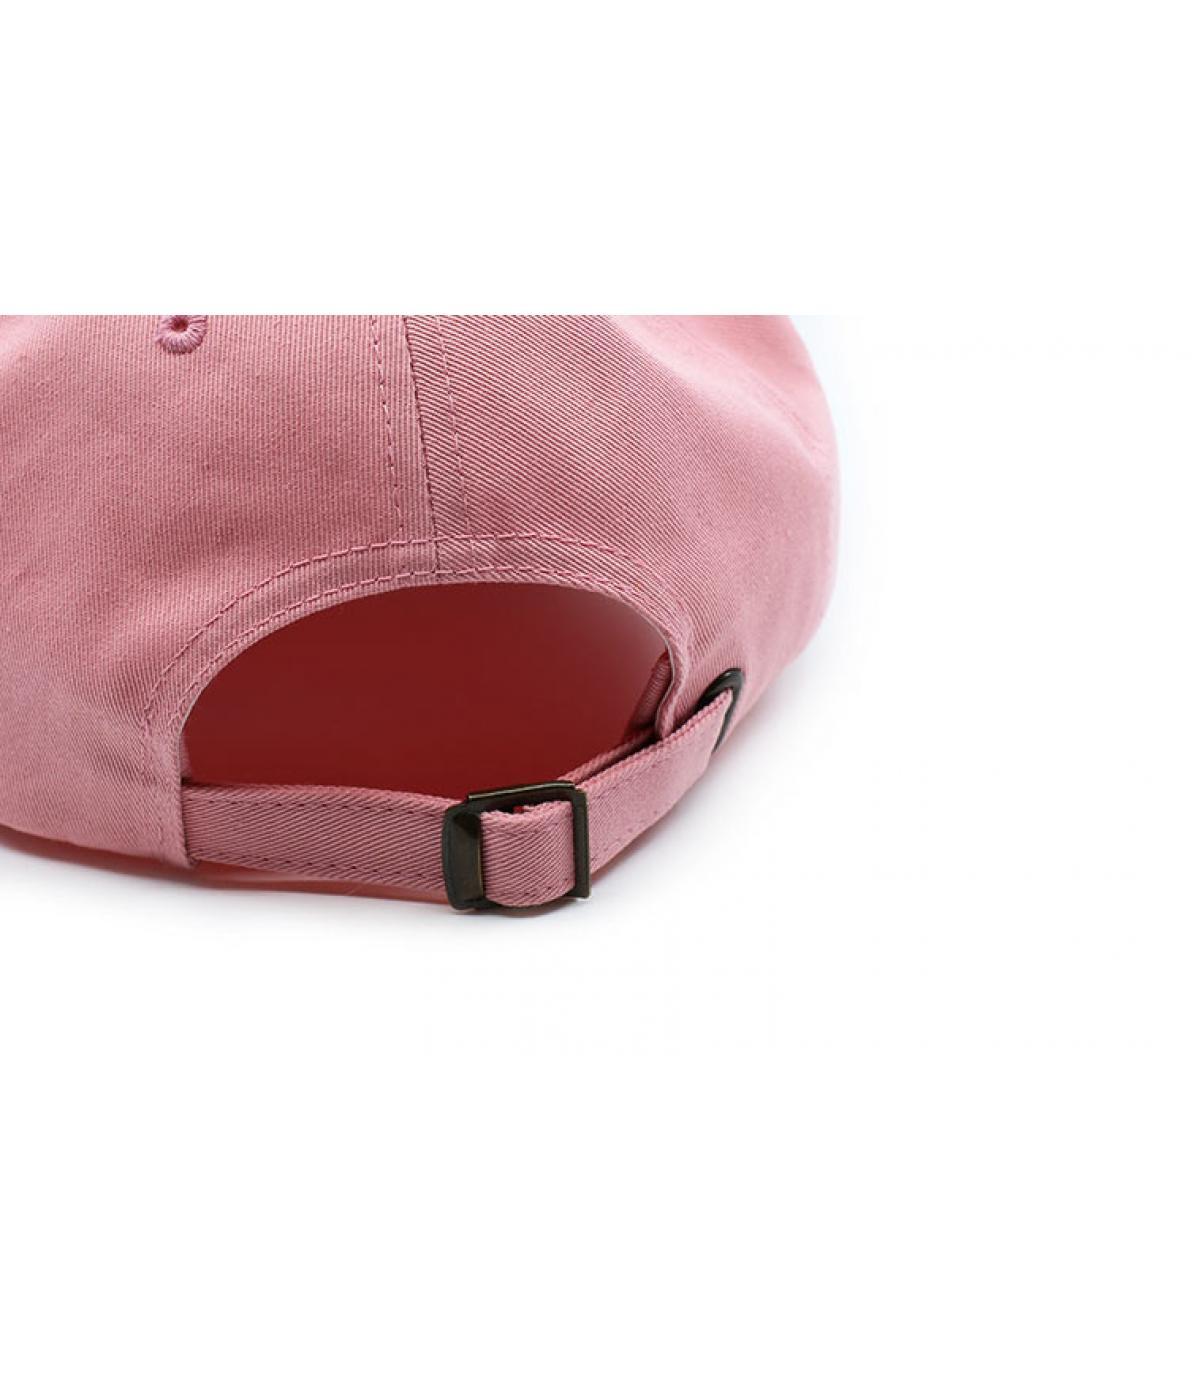 Dettagli Casquette Unicorns Are Real pink - image 5